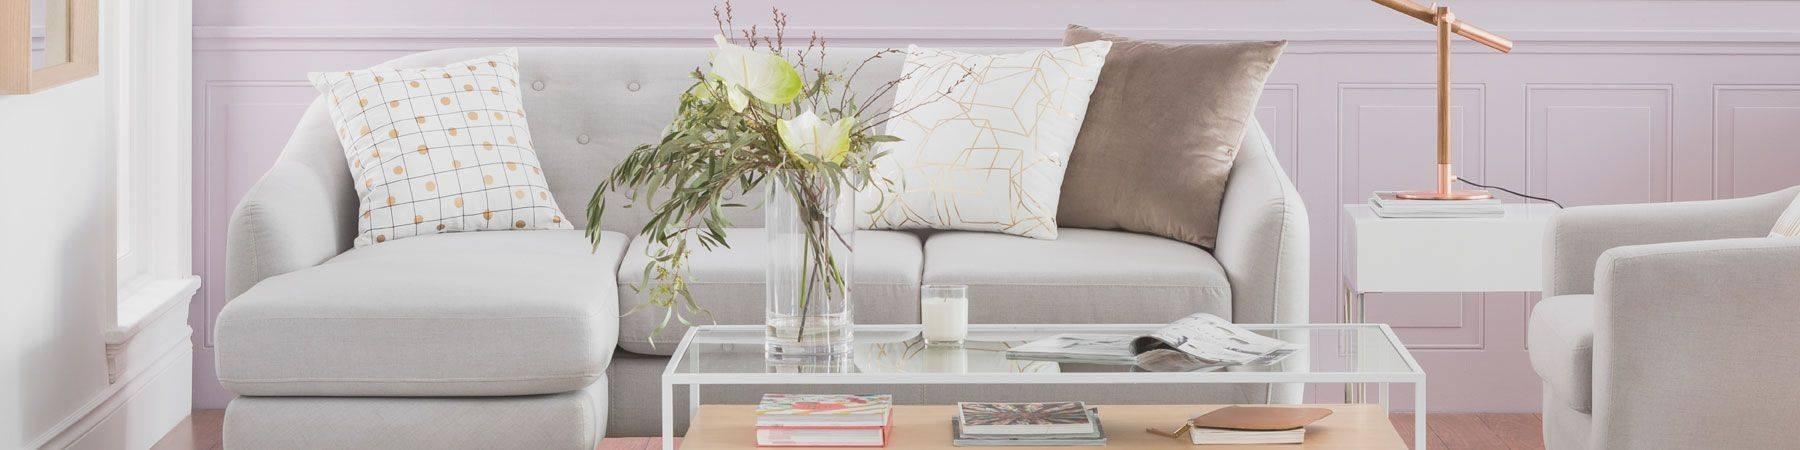 Sofa phòng khách, tiếp khách gia đình. Sản phẩm cao cấp, chính hãng.